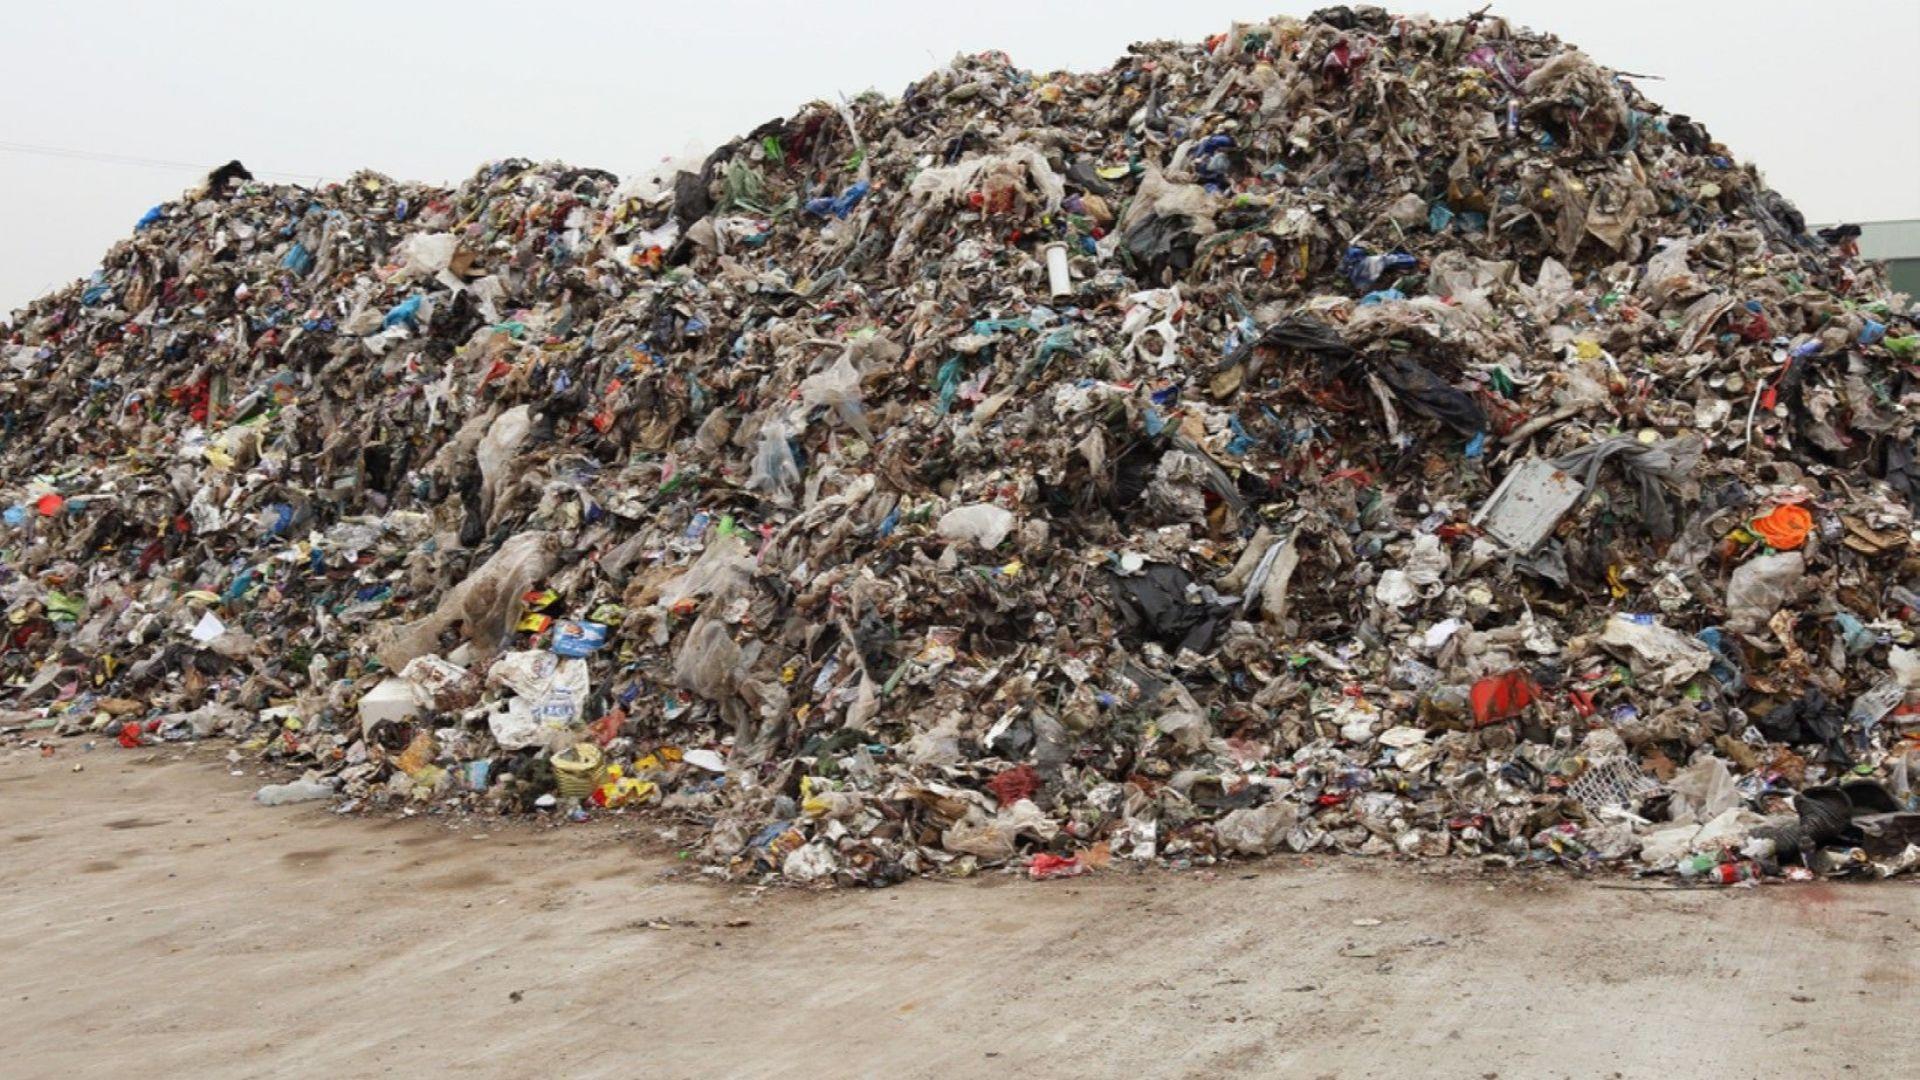 Любомир Спасов: Дали отпадъците са проблем или ресурс, зависи изцяло от това как ги управляваме